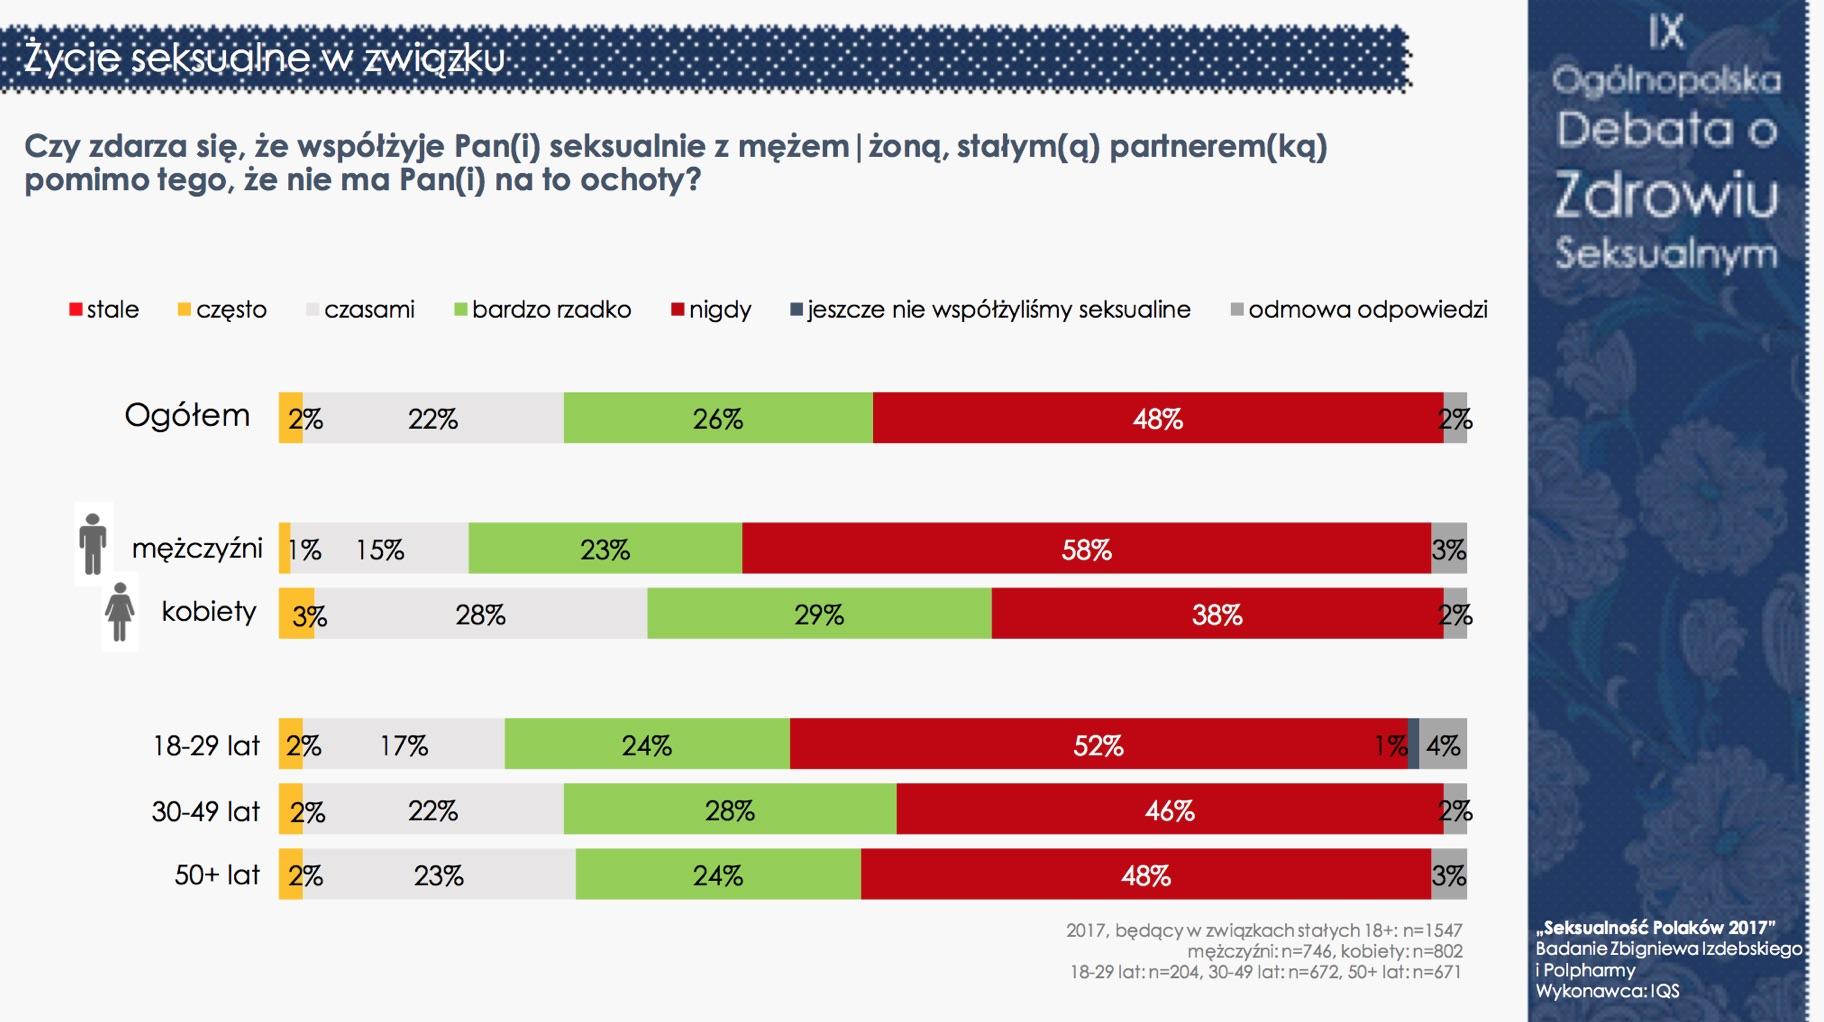 """""""Seksualność Polaków 2017"""" - nadal jesteśmy grzeczni i powściągliwi (pełne wyniki) Badania mediarun debata seksualnosc 13"""